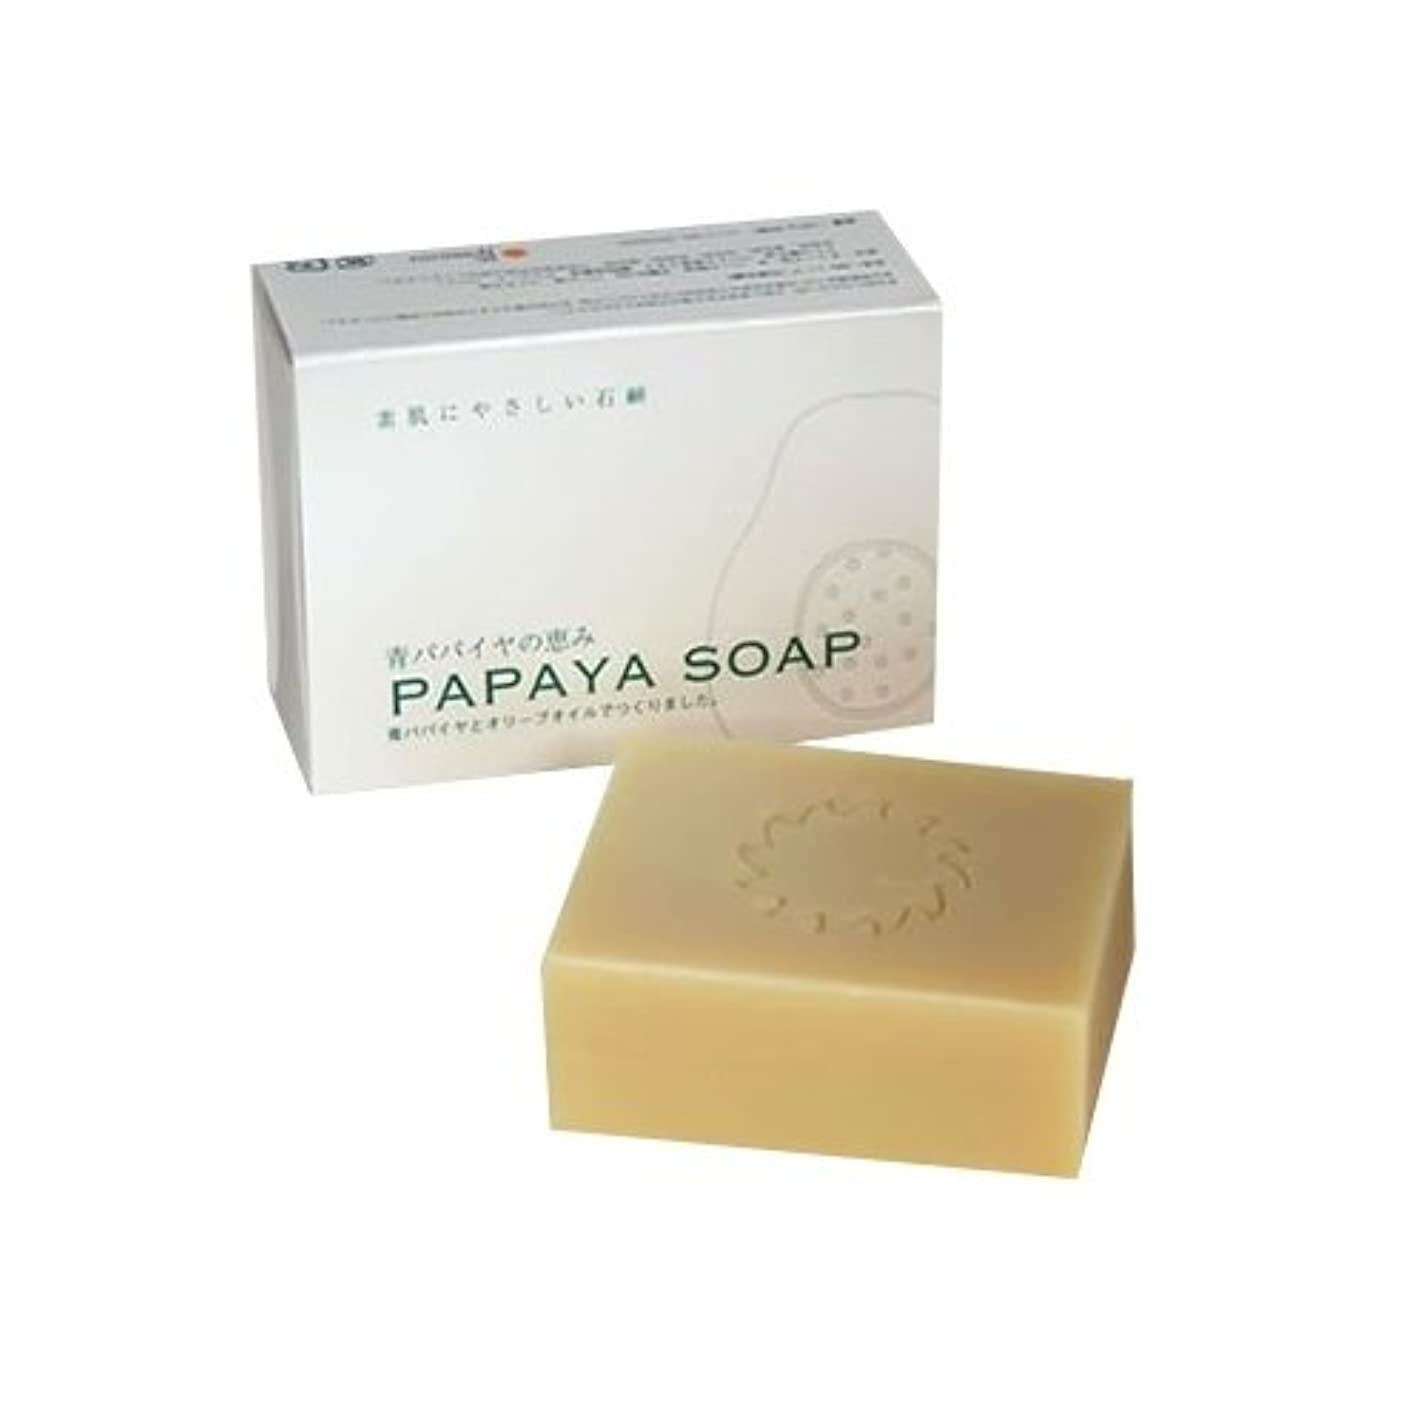 原始的なセレナ進む青パパイヤの恵み PAPAYA SOAP(パパイヤソープ) 100g